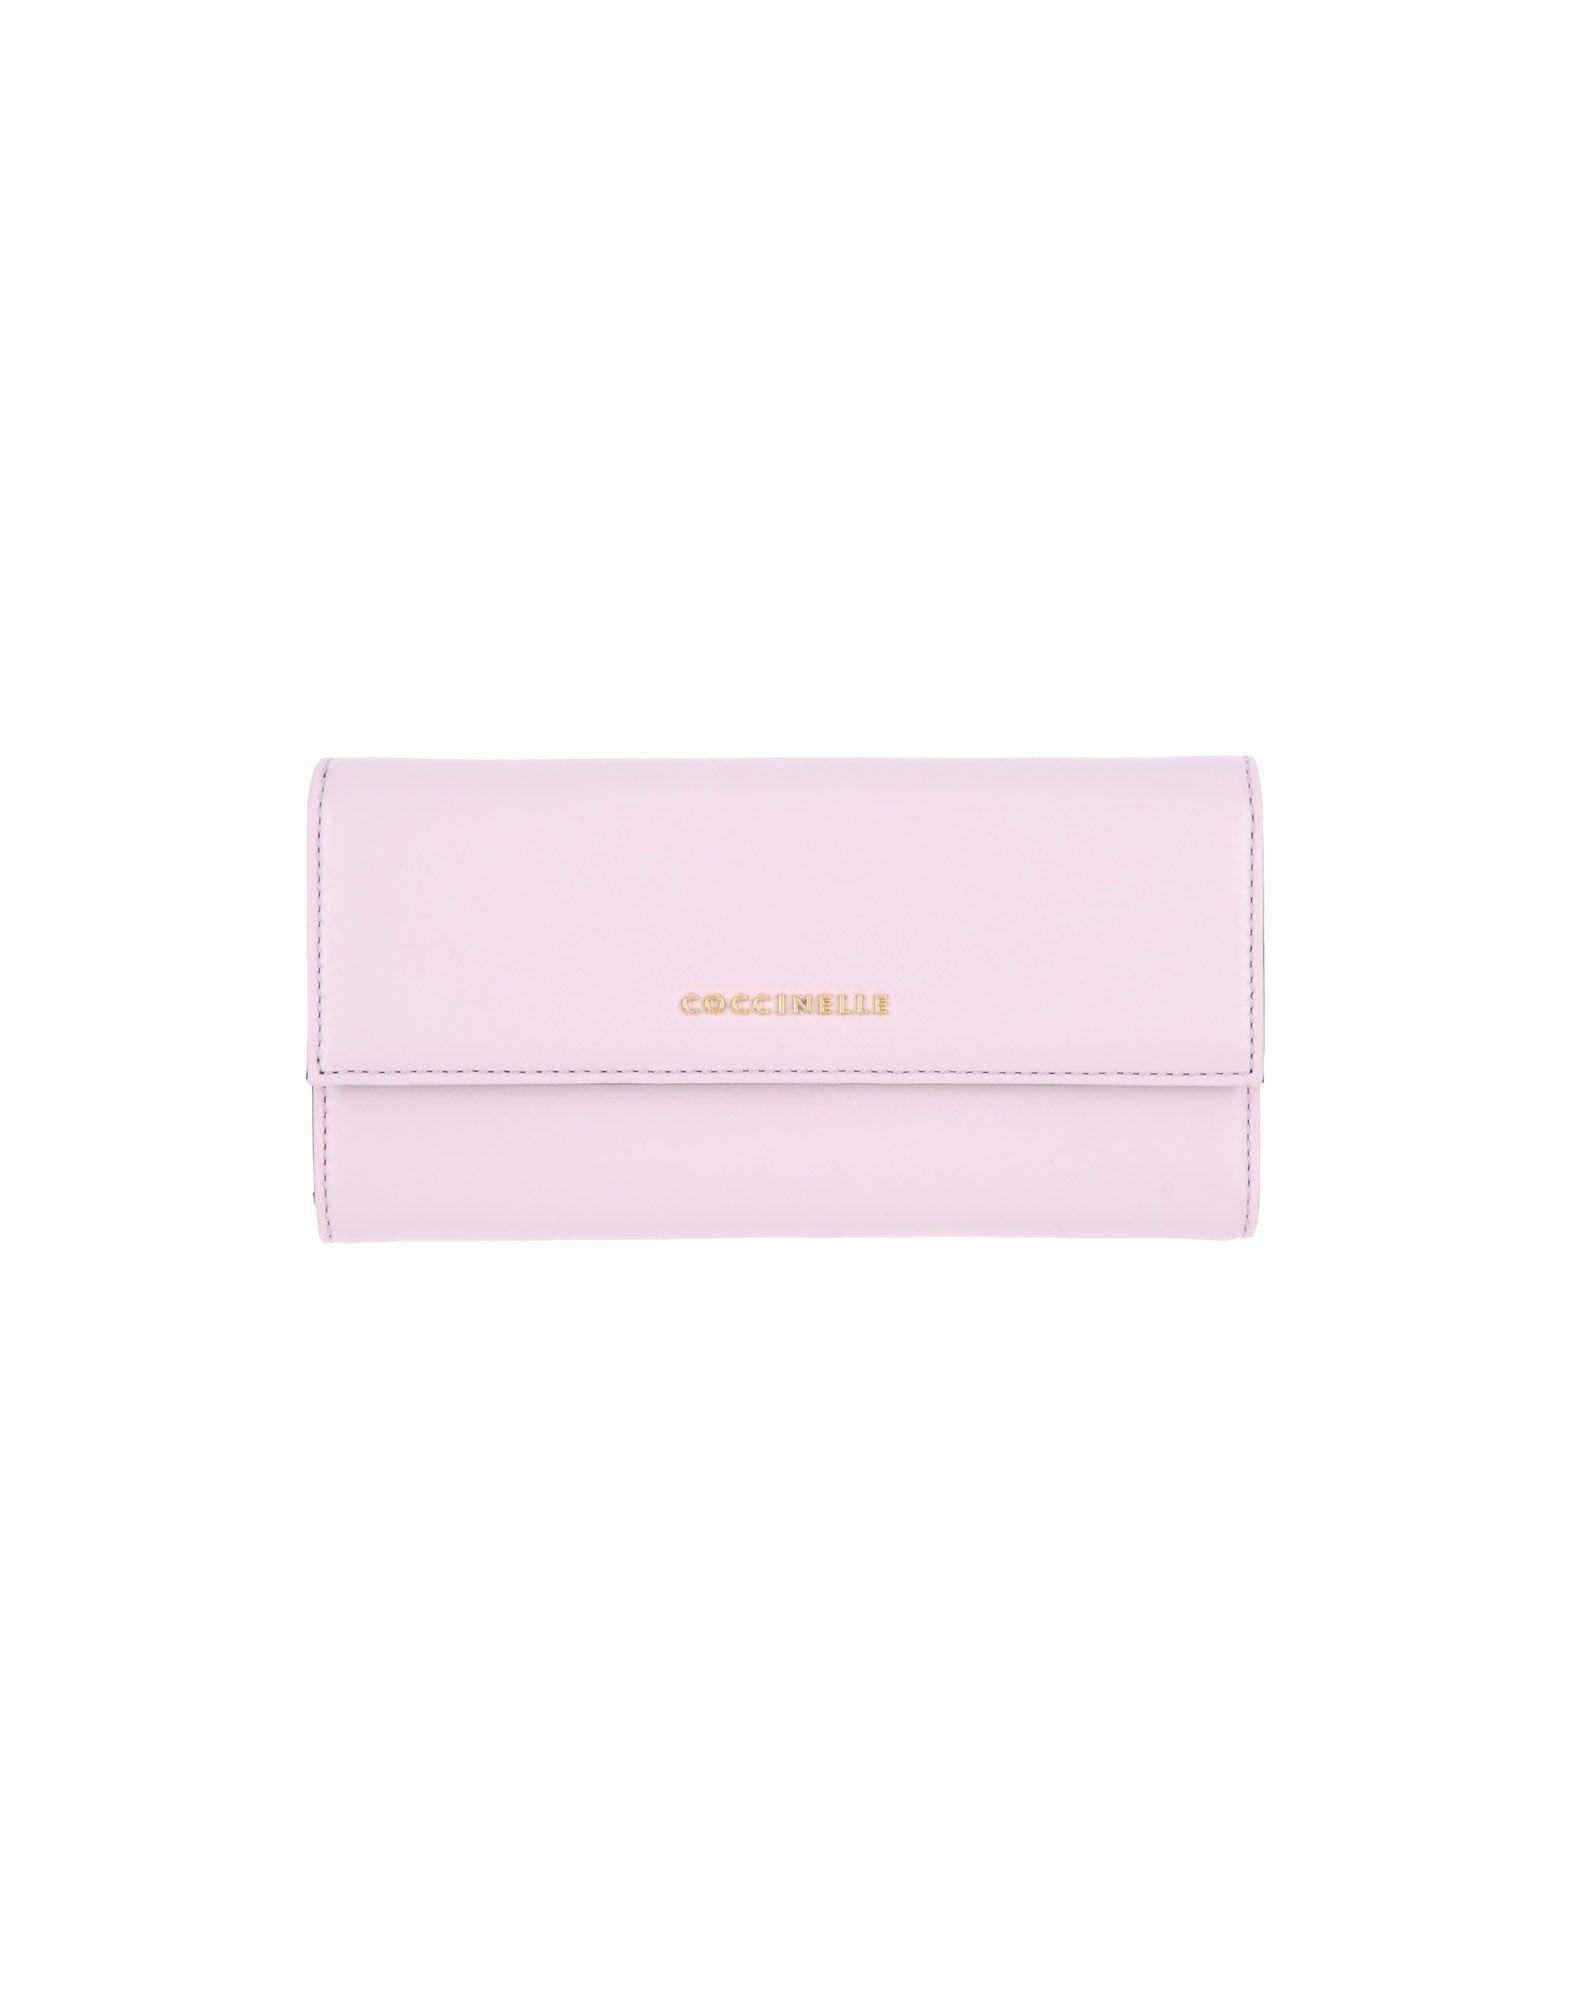 《送料無料》COCCINELLE レディース 財布 ライトピンク 牛革(カーフ)